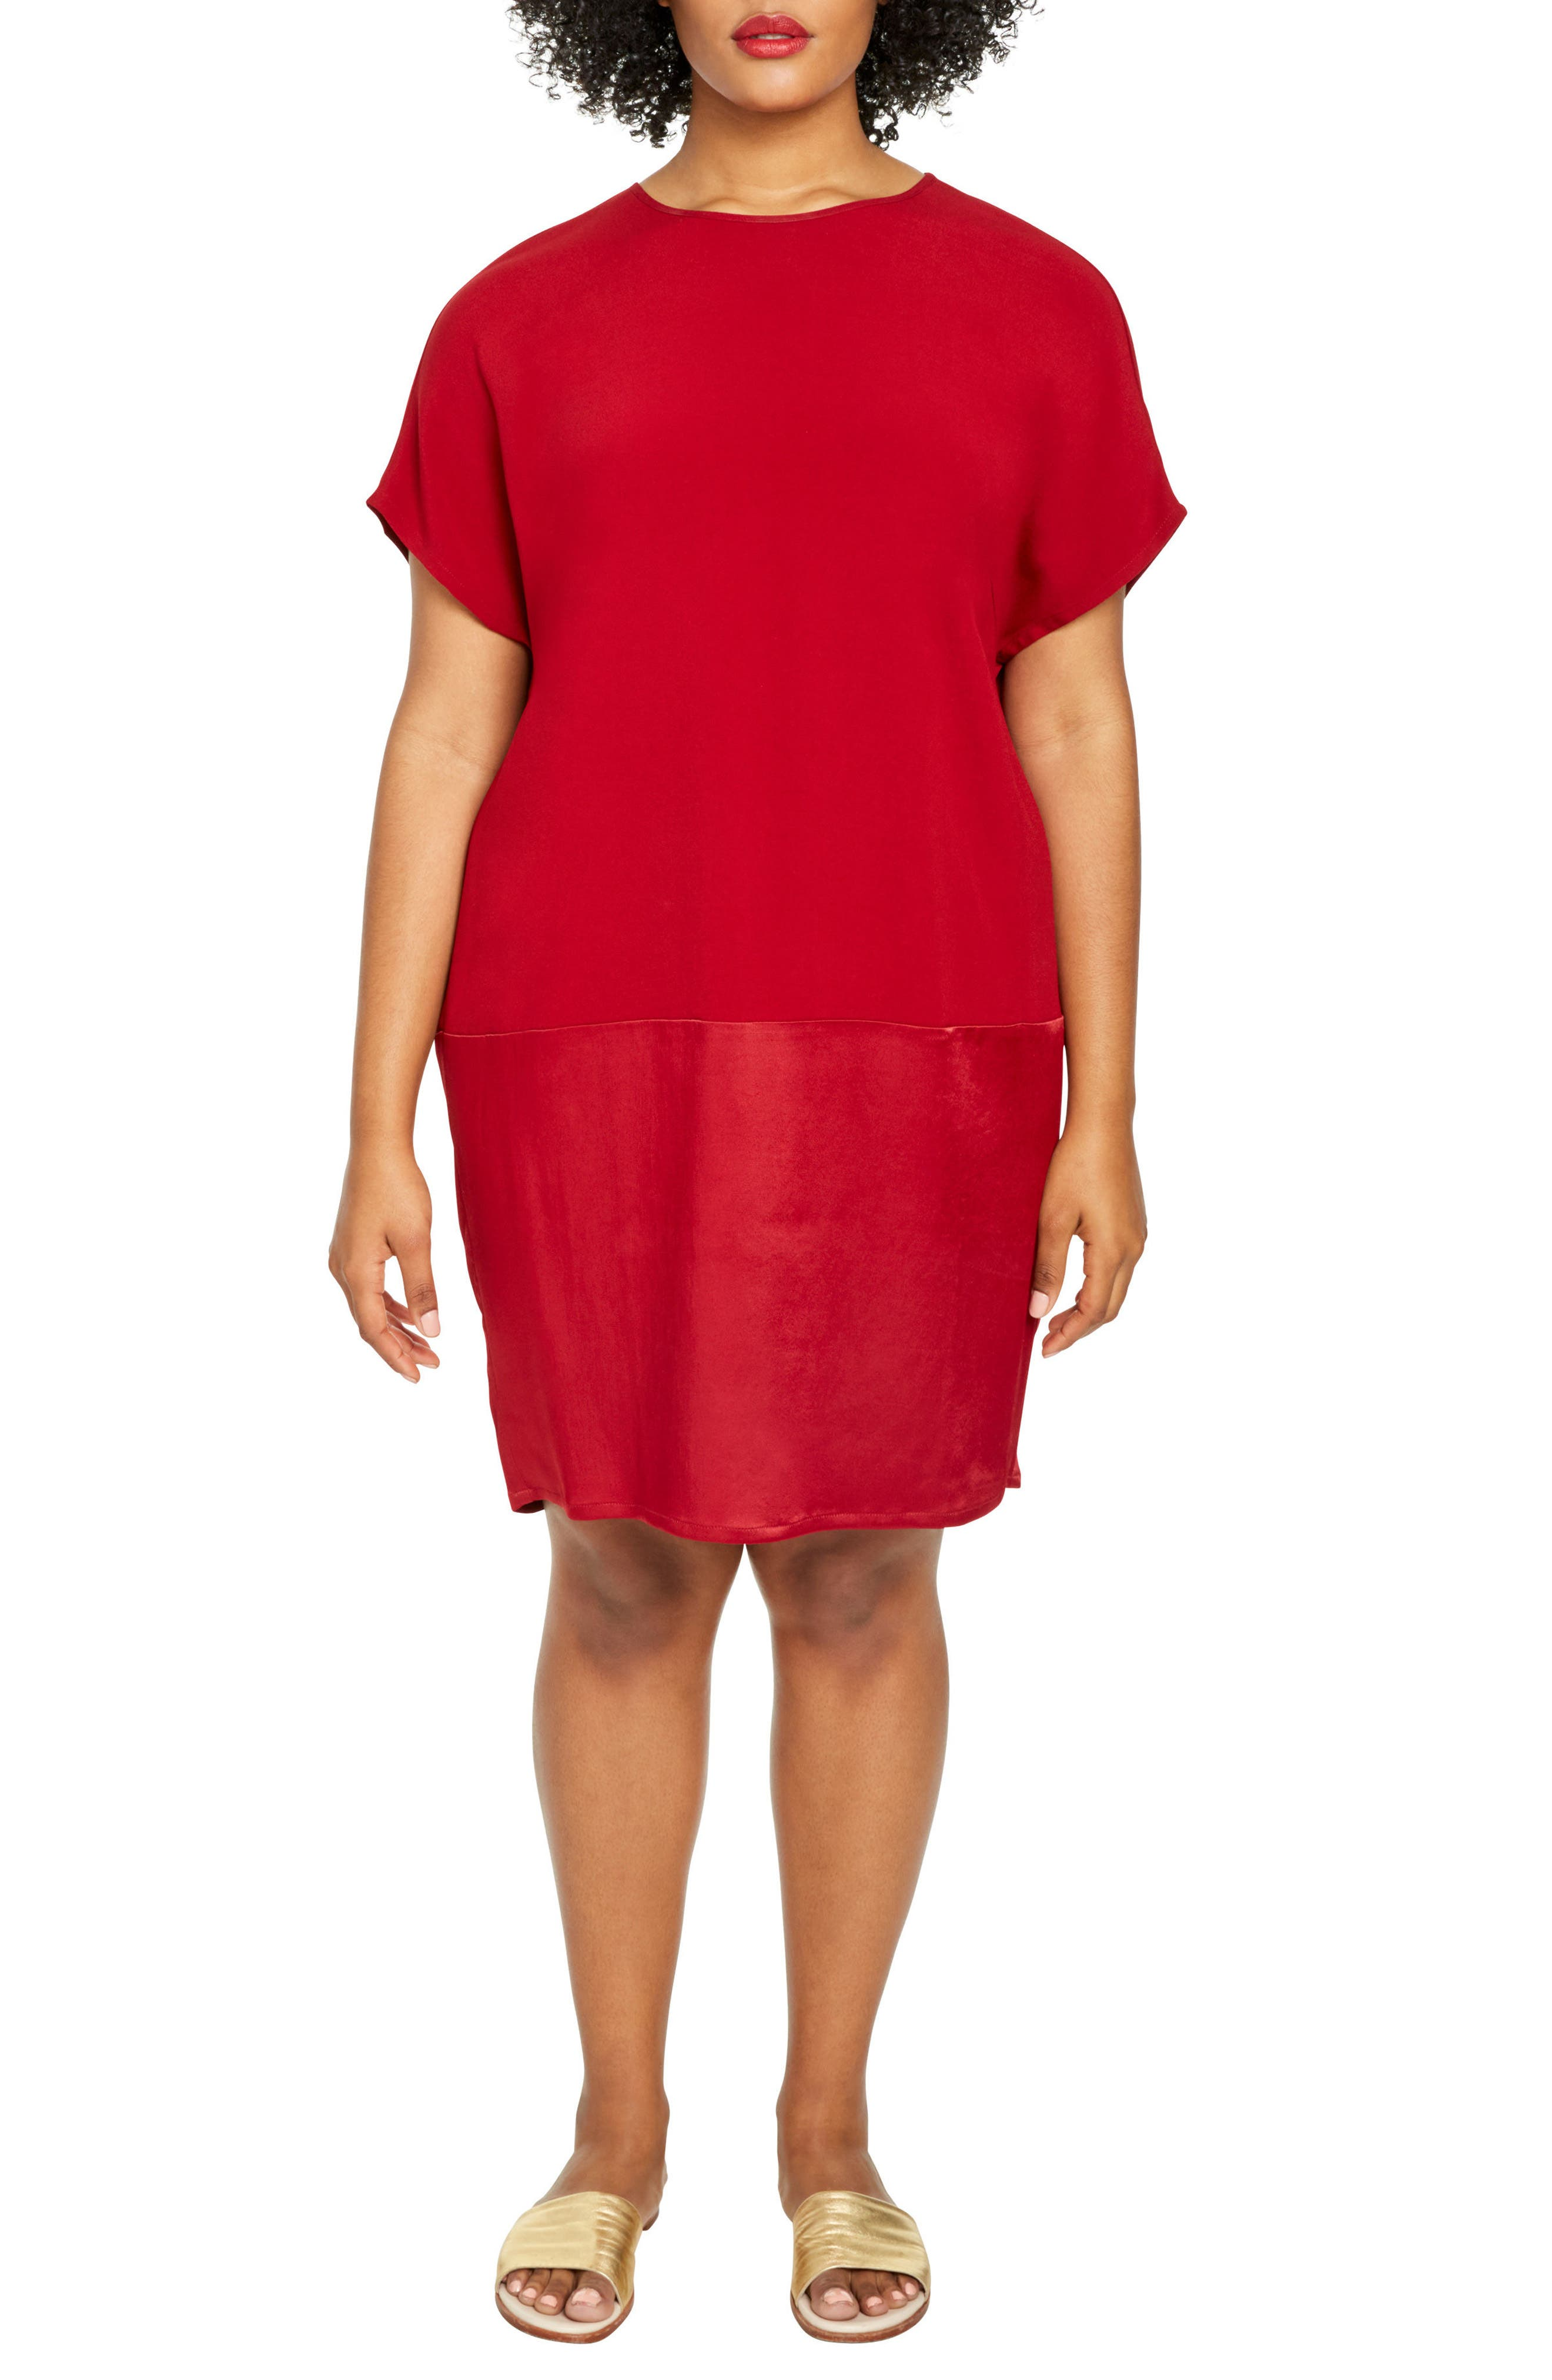 Main Image - UNIVERSAL STANDARD Avenir Drop Waist Dress (Plus Size)